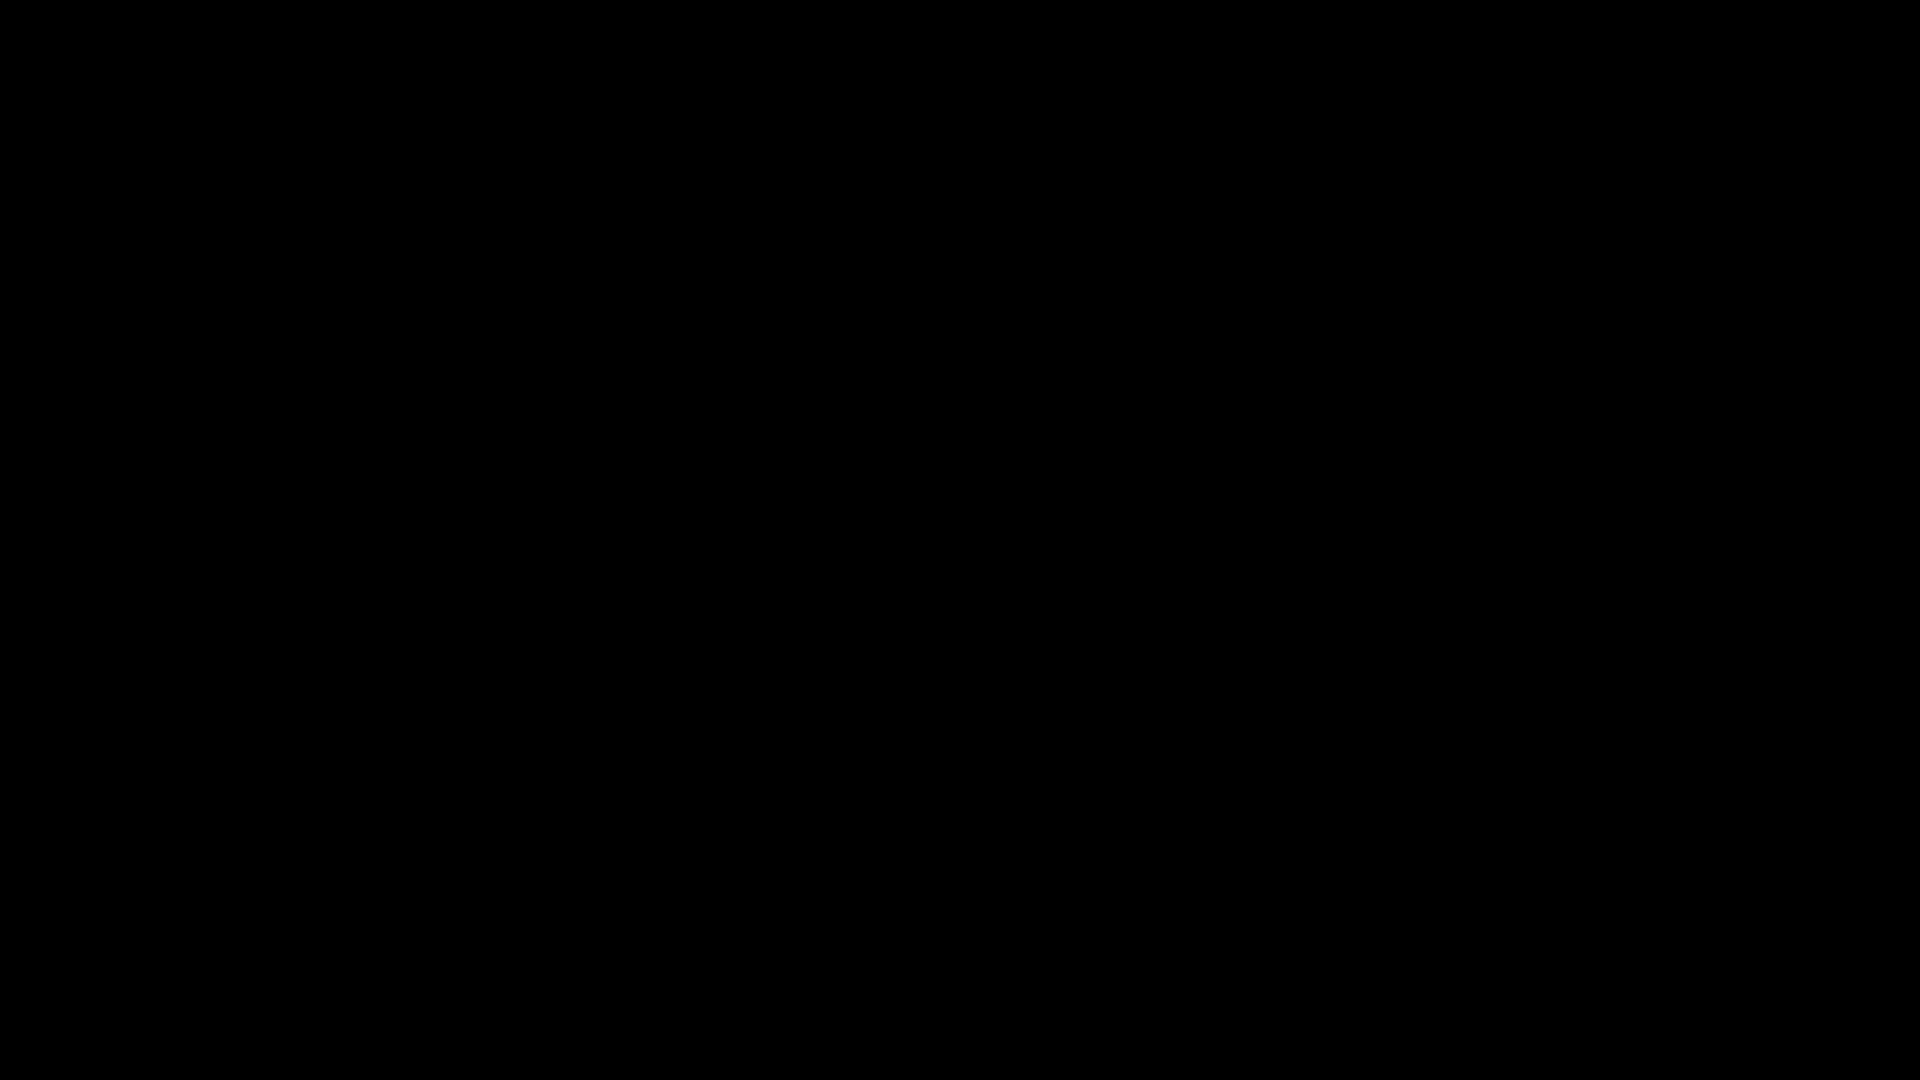 replications, Gazebo GIFs